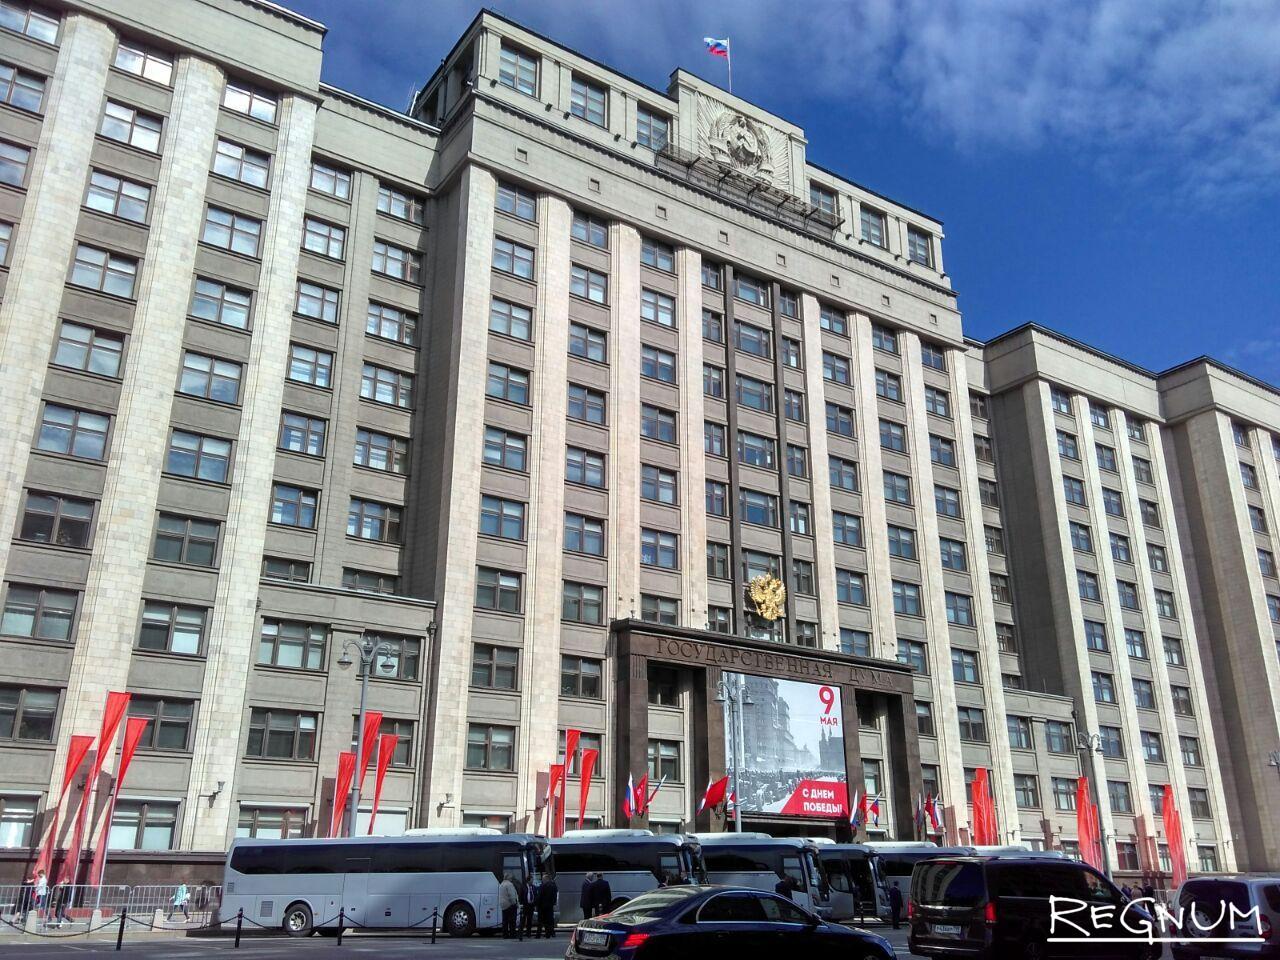 Автобусы перед Госдумой. Депутатов повезут на инаугурацию